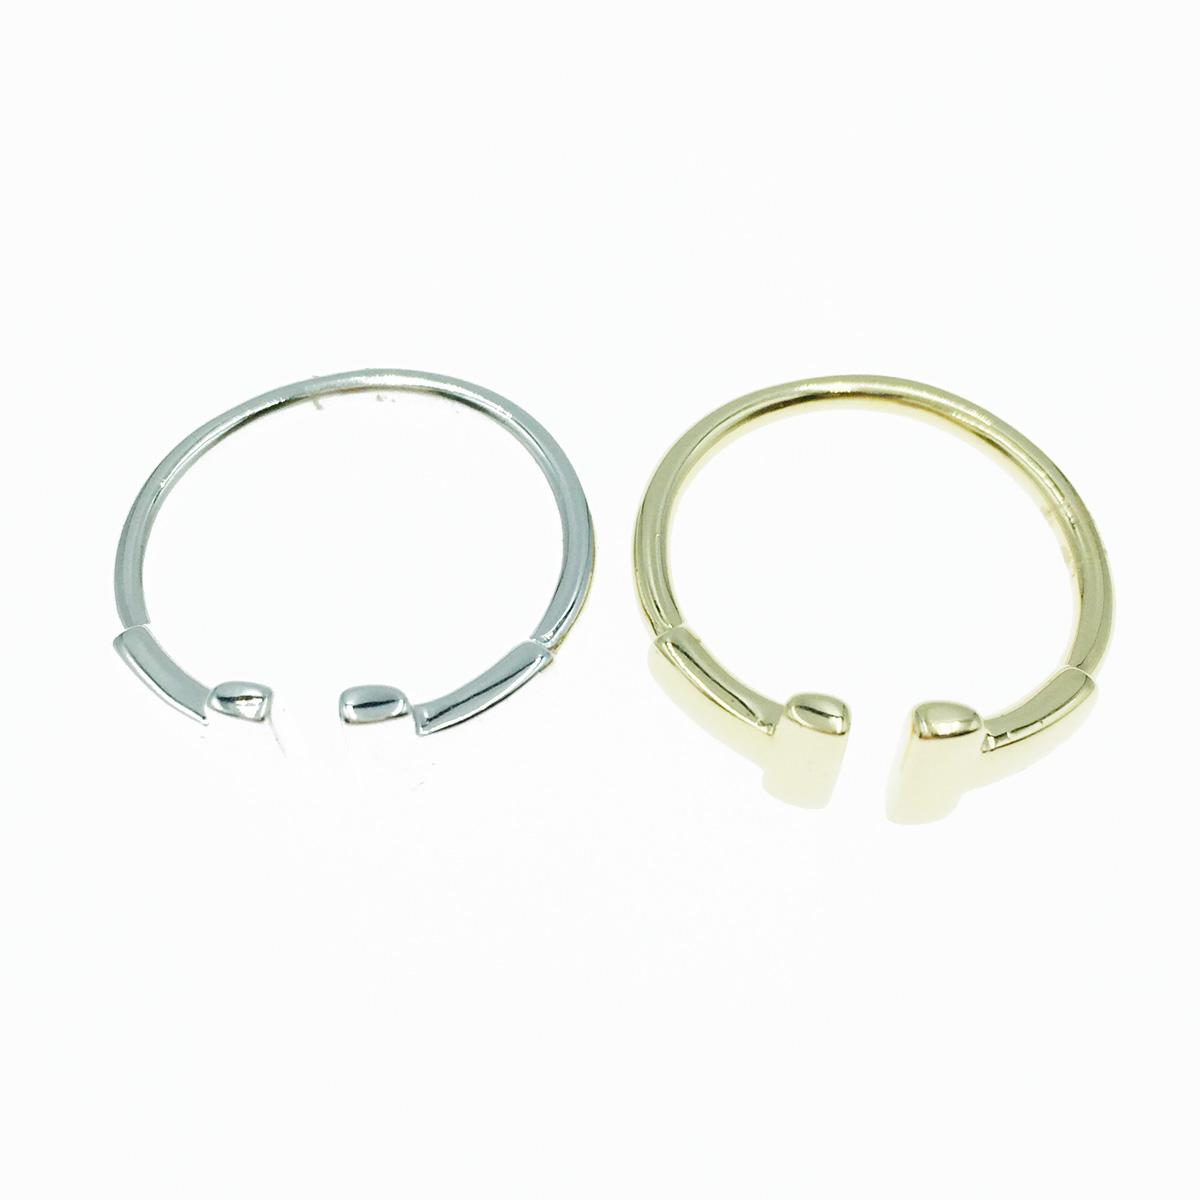 韓國 925純銀 T字形 開口 簡約金屬 質感 2色 可調式 戒指